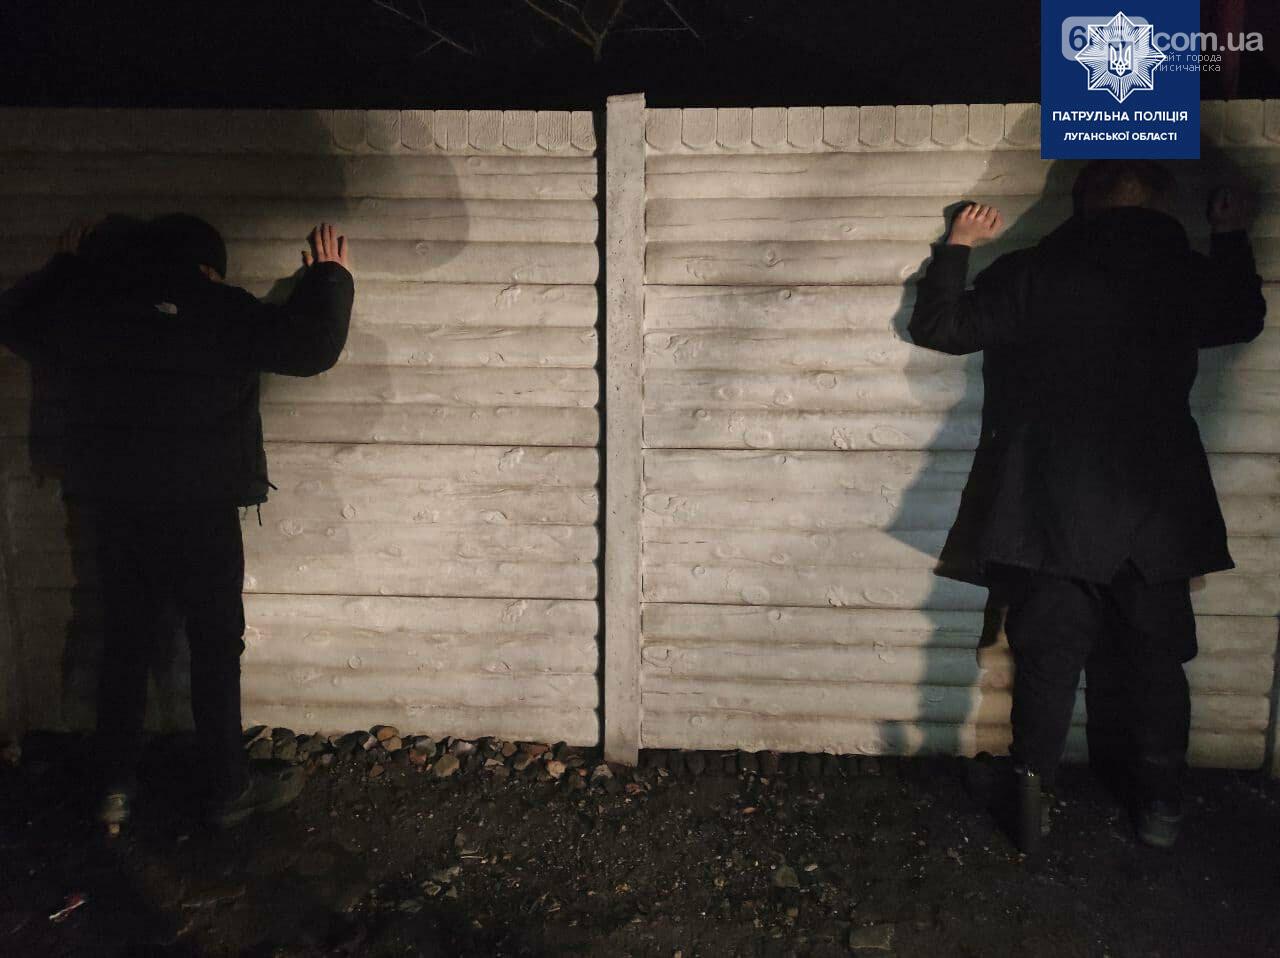 В Лисичанске патрульные обнаружили у мужчин наркотические вещества, фото-2, Патрульная полиция Луганской области